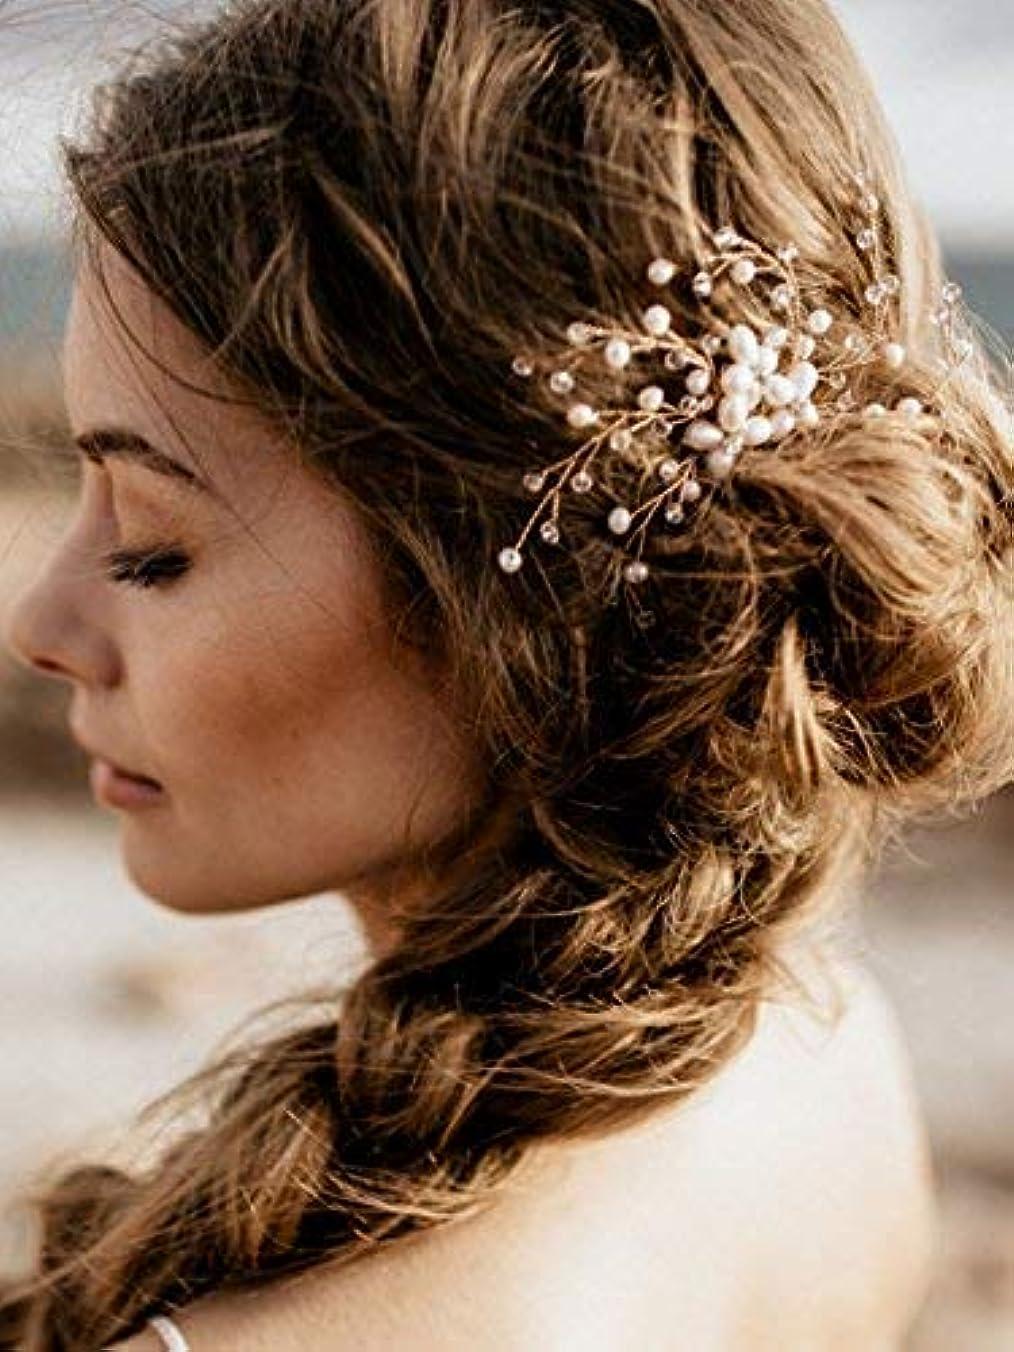 口プレゼン習熟度FXmimior Vintage Bridal Women Vintage Wedding Party Hair Comb Crystal Vine Hair Accessories [並行輸入品]